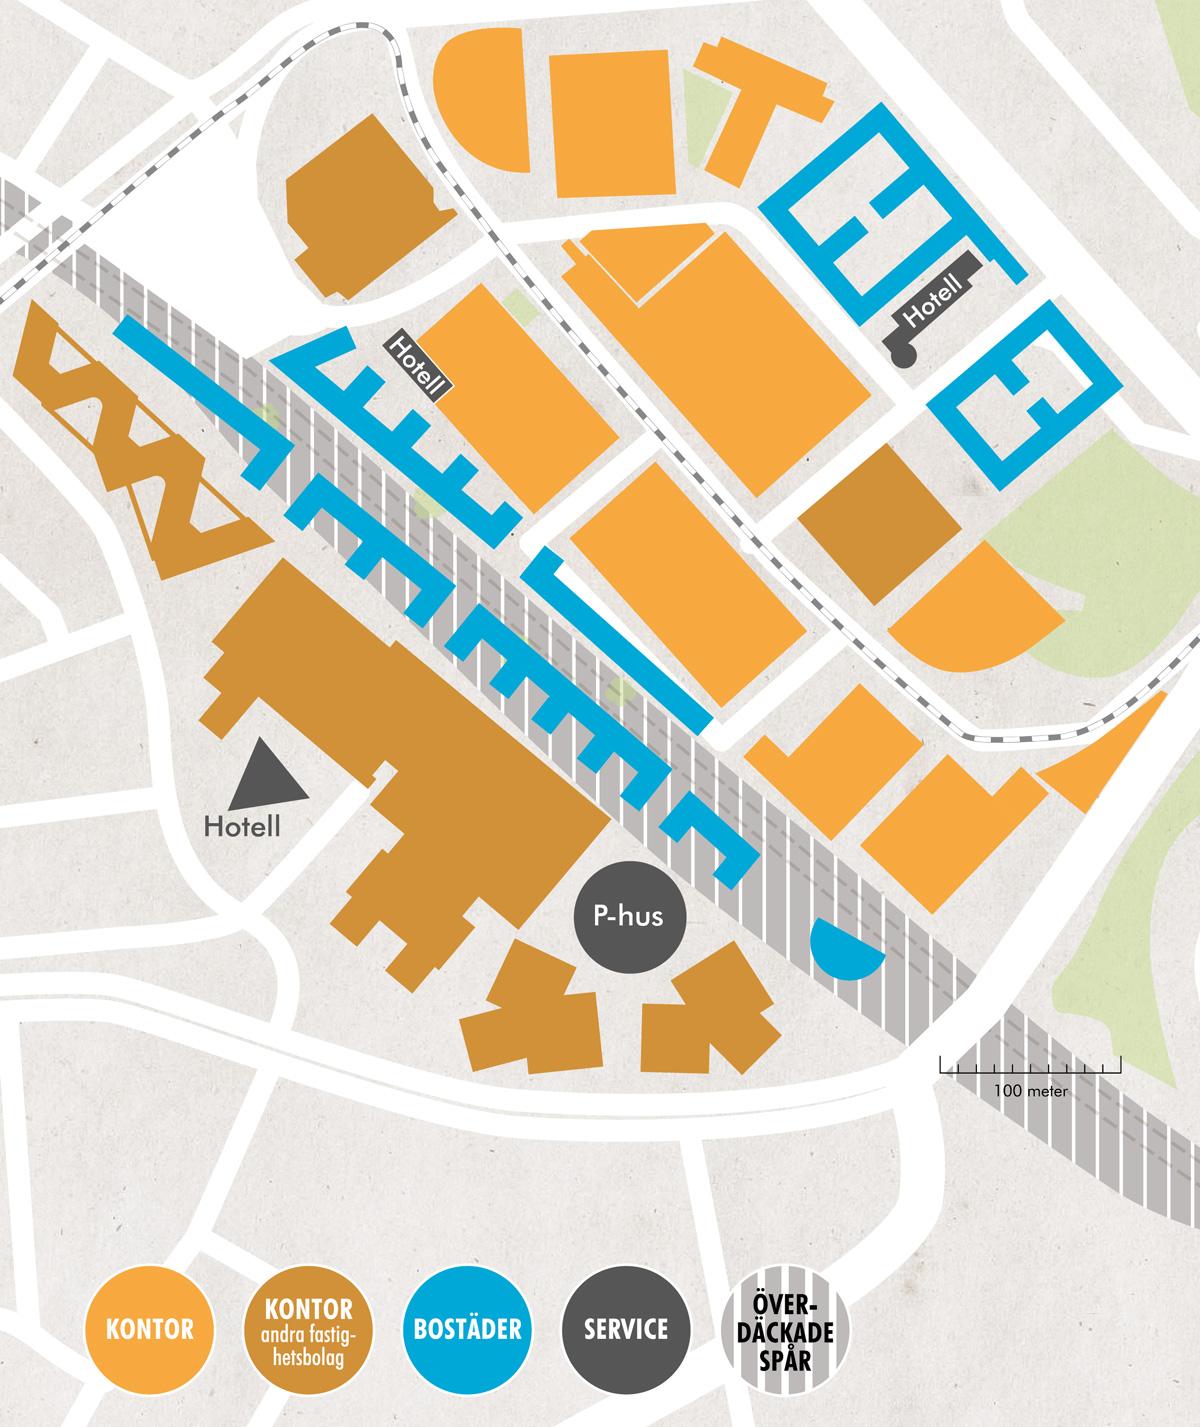 Karta över hur Solna Business Park ska förtätas. Bland annat med överteckning av järnvägsspåren.